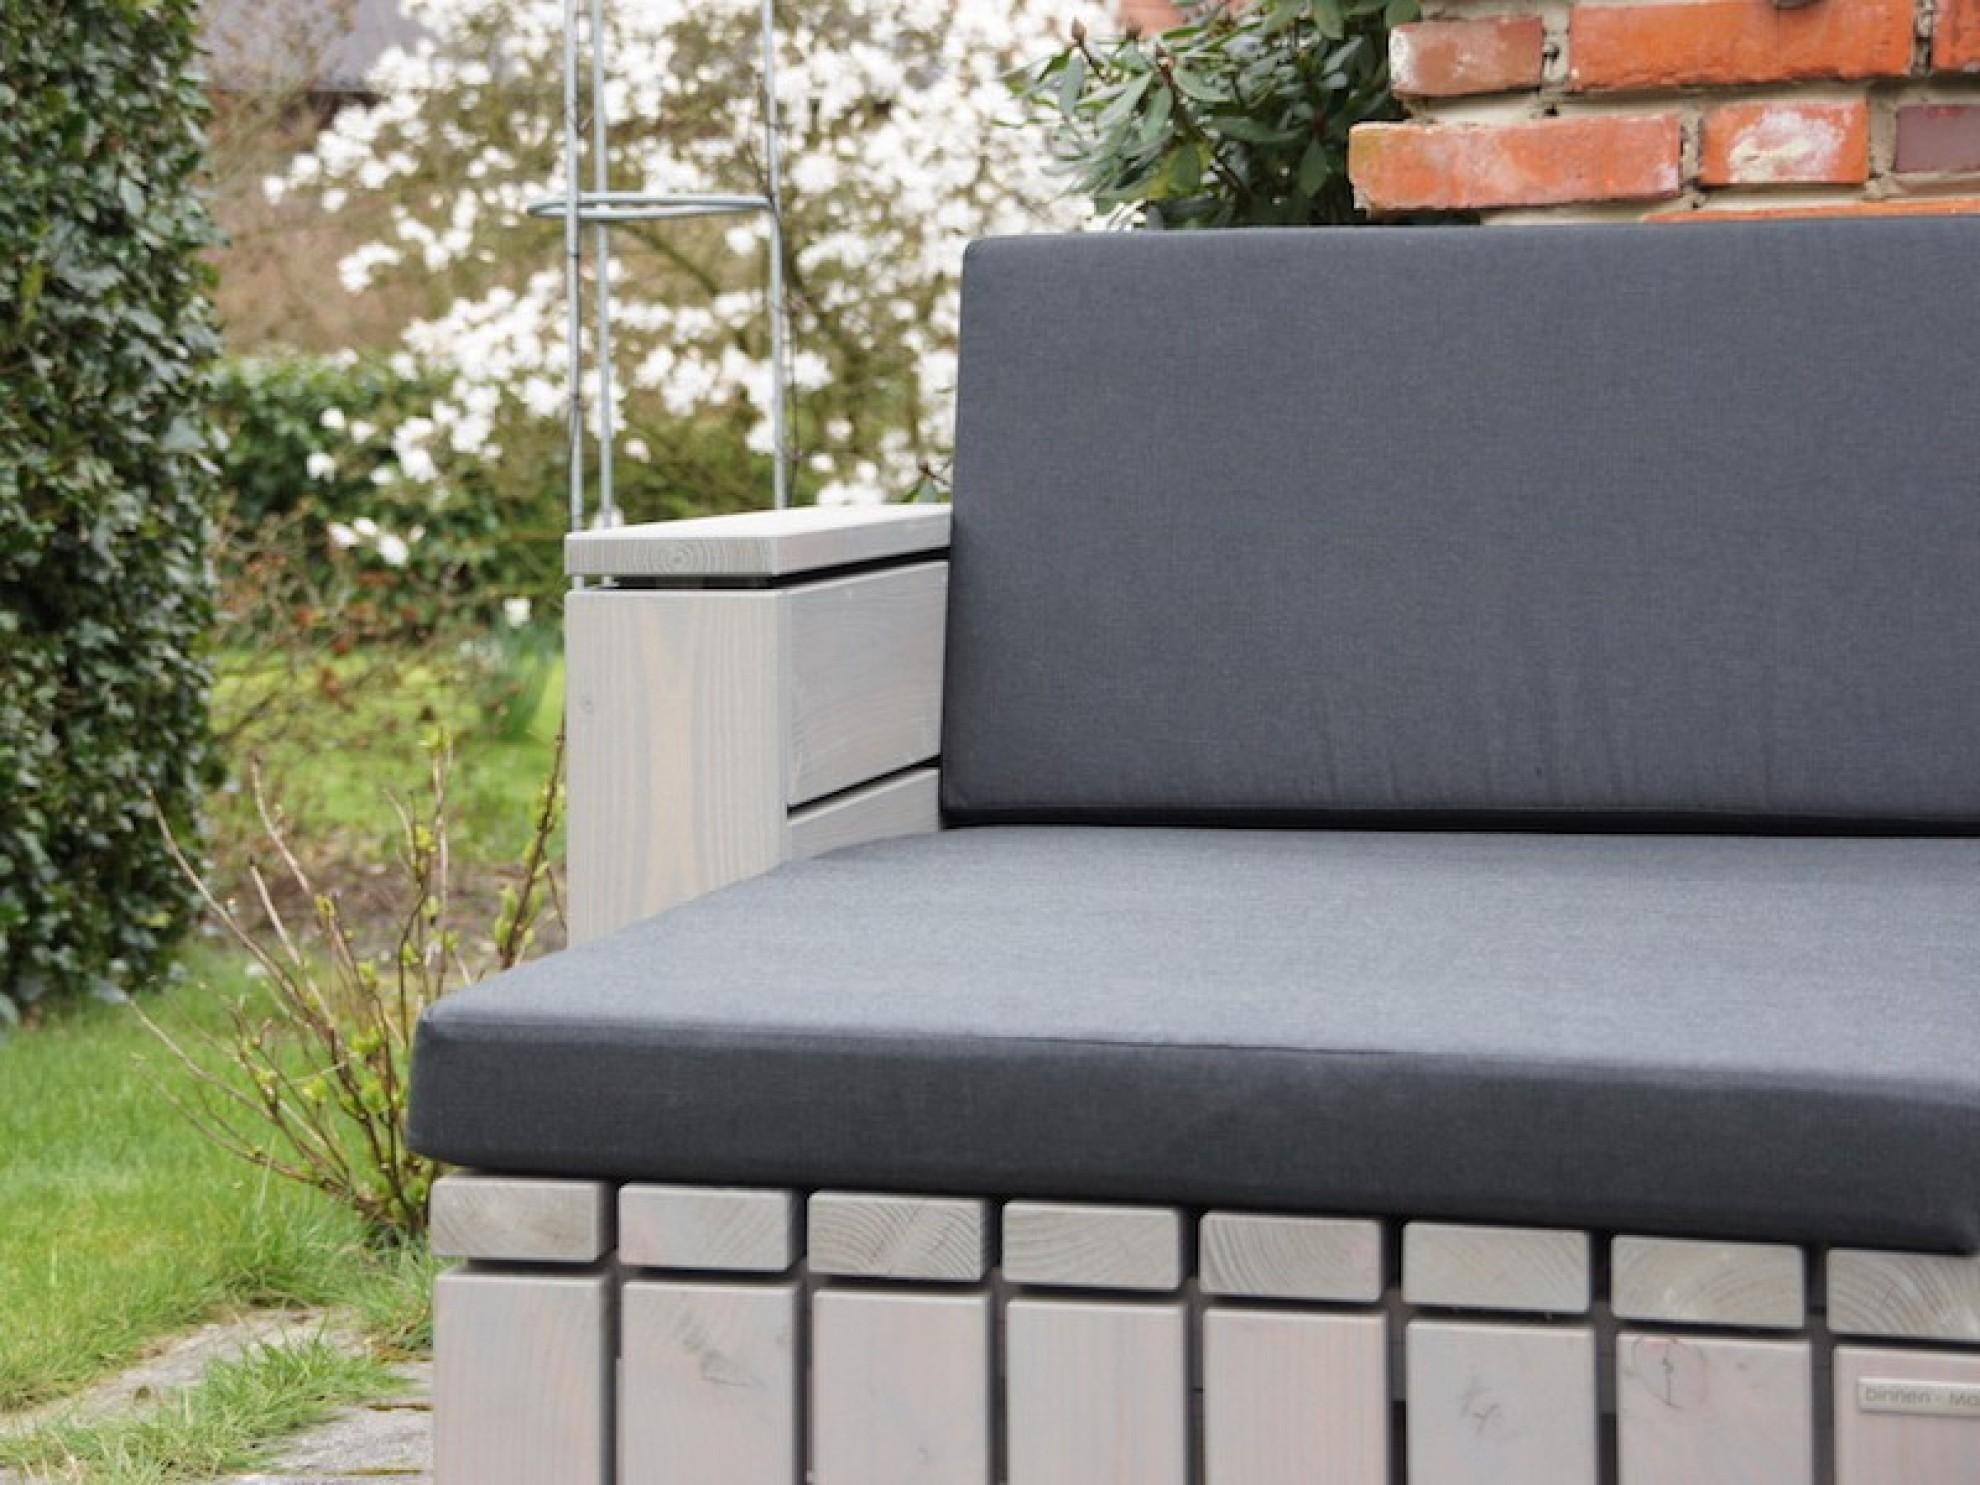 lounge sofa outdoor holz. Black Bedroom Furniture Sets. Home Design Ideas